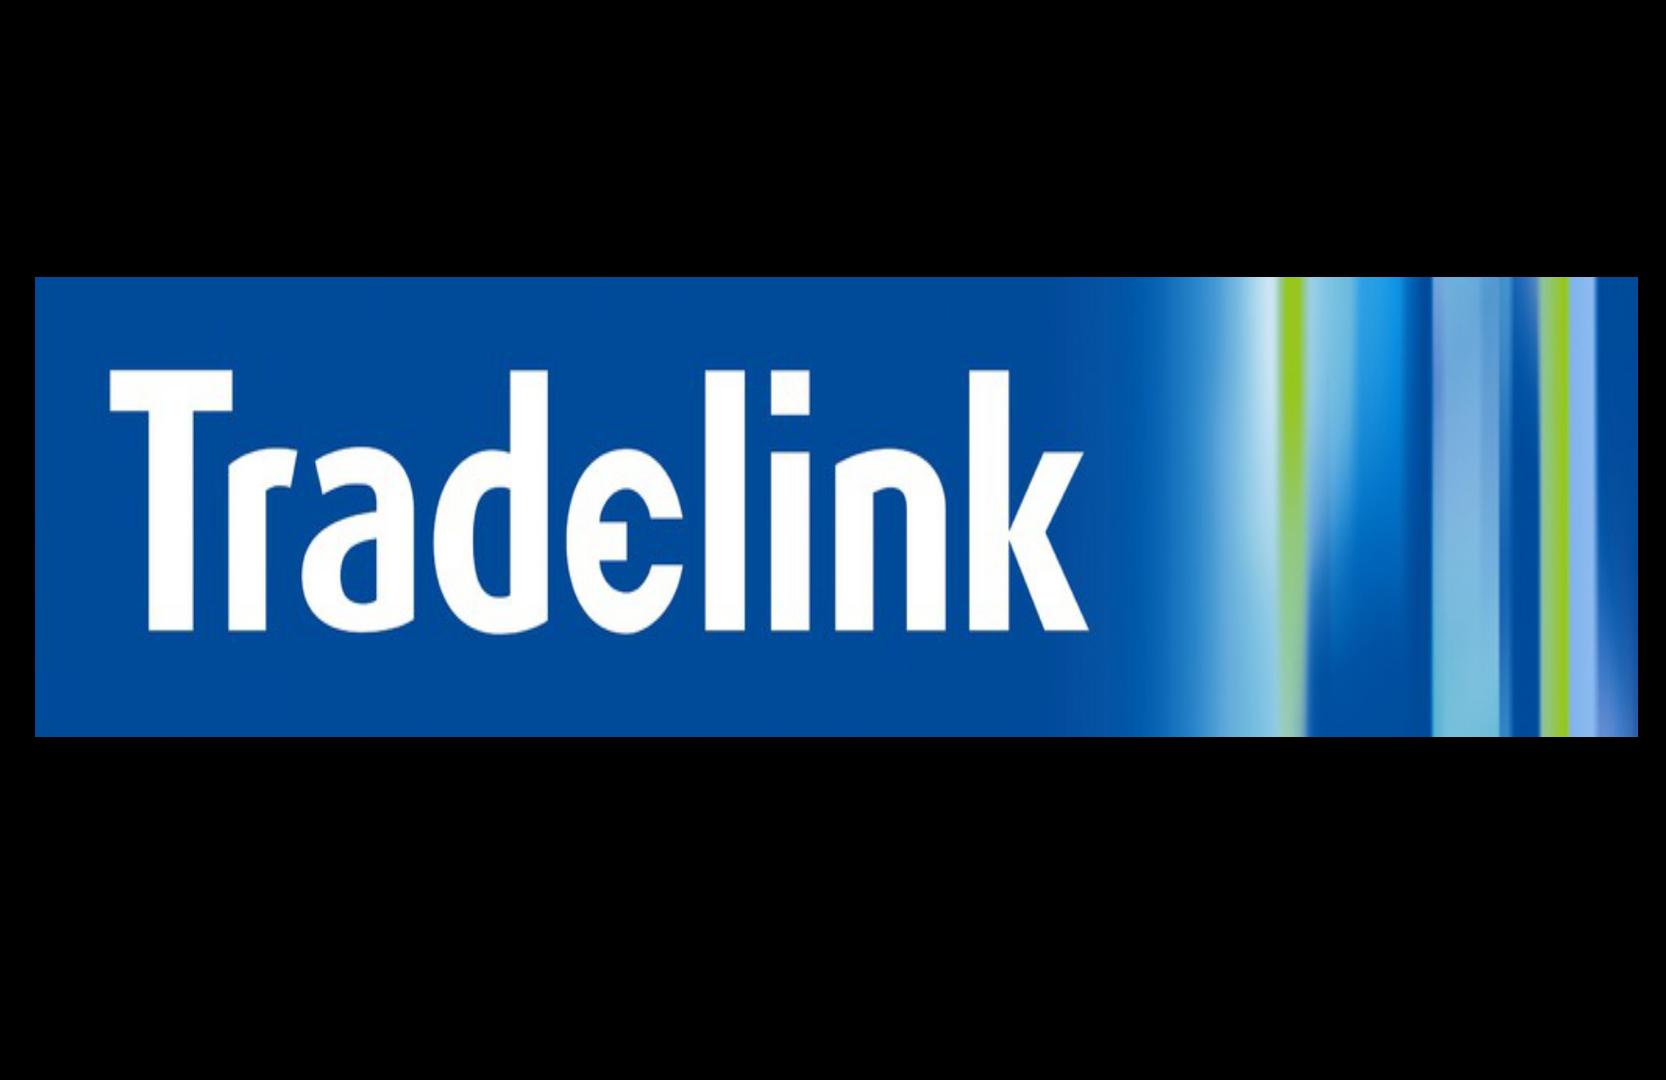 TRADELINK.png